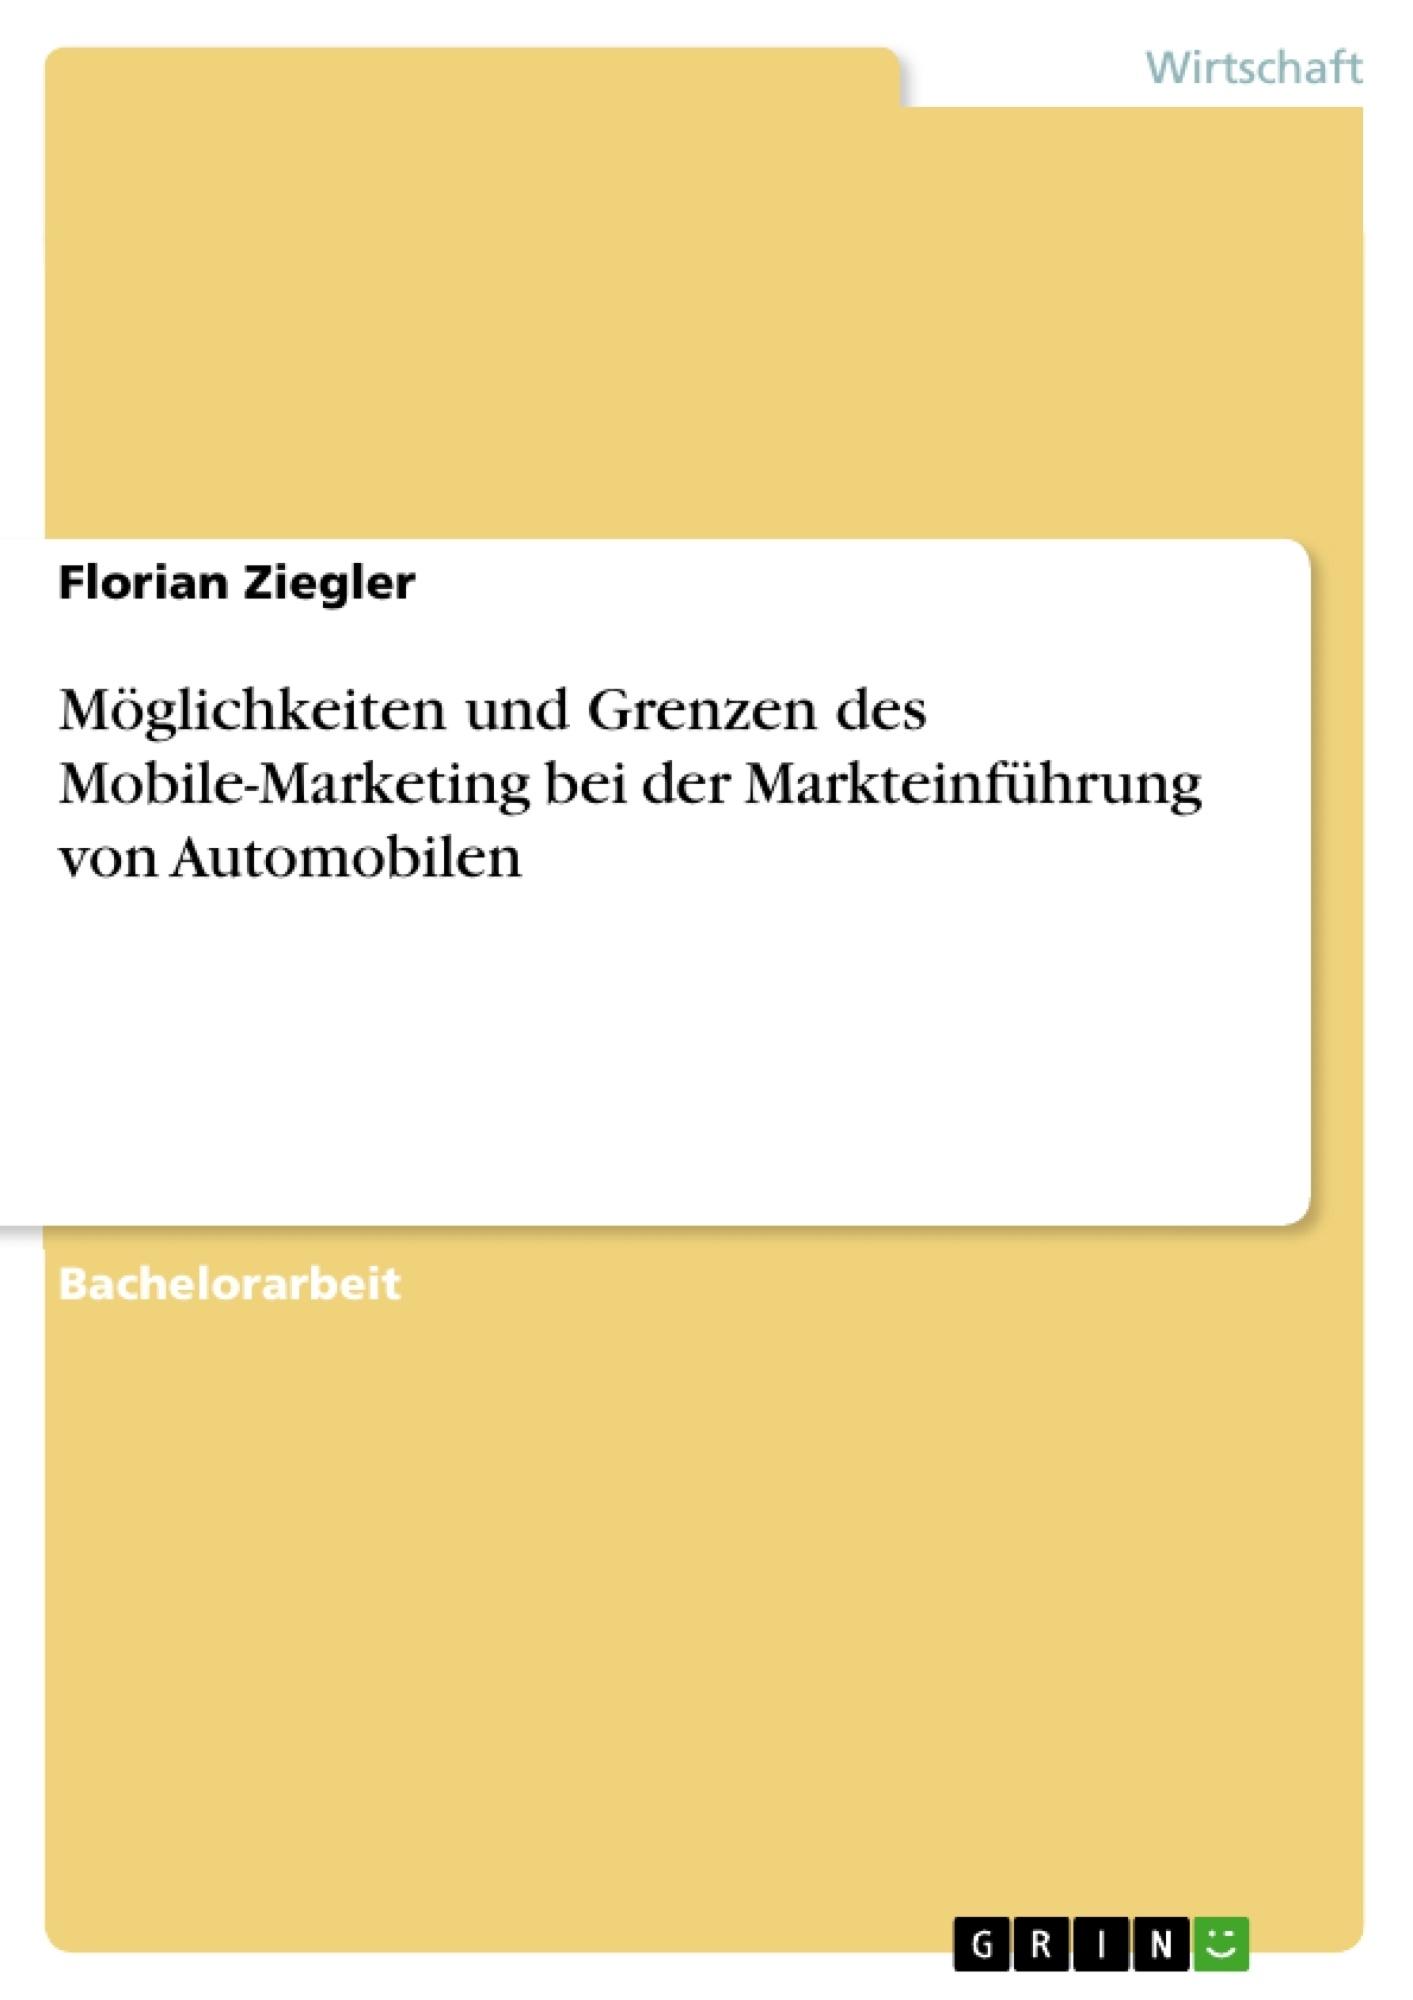 Titel: Möglichkeiten und Grenzen des Mobile-Marketing bei der Markteinführung von Automobilen